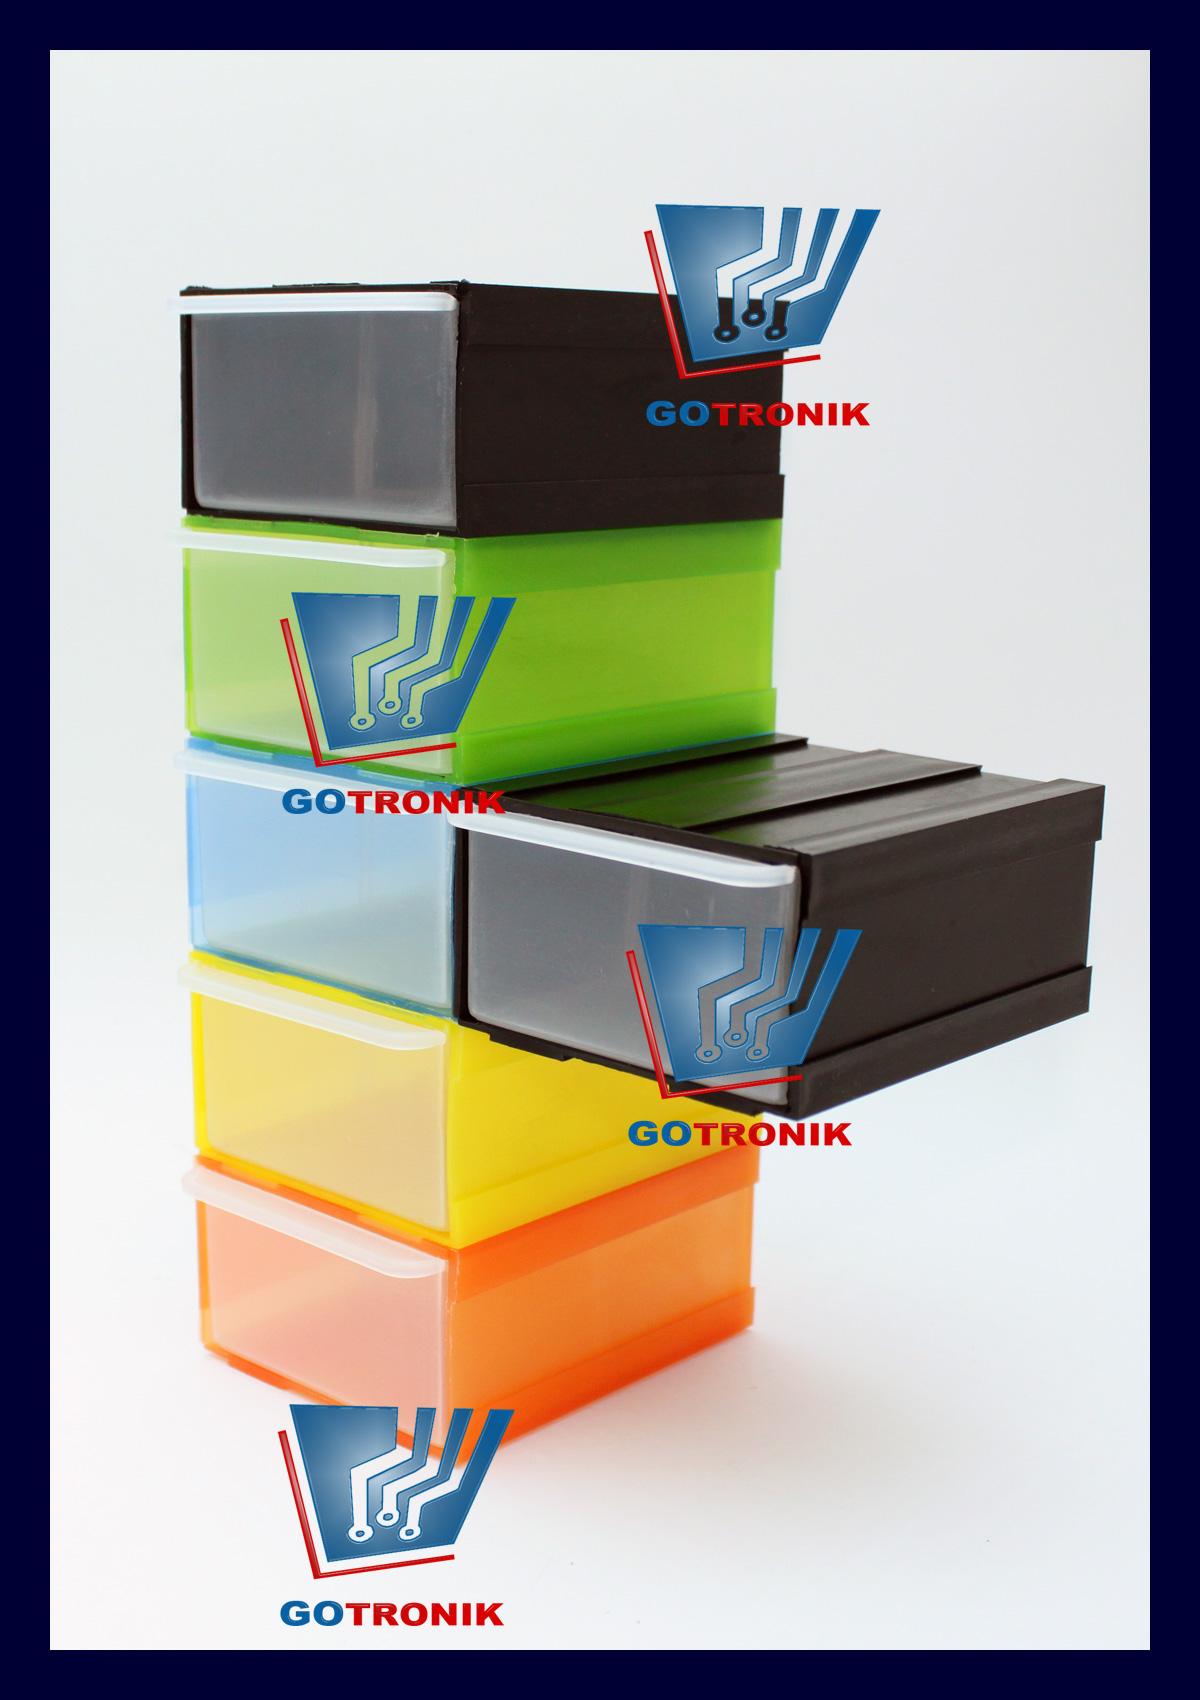 Moduły- specjalna konstrukcja szufladek pozwala na rozkładanie ich na podstawowe moduły i ponowne składanie w dowolny gabaryt.